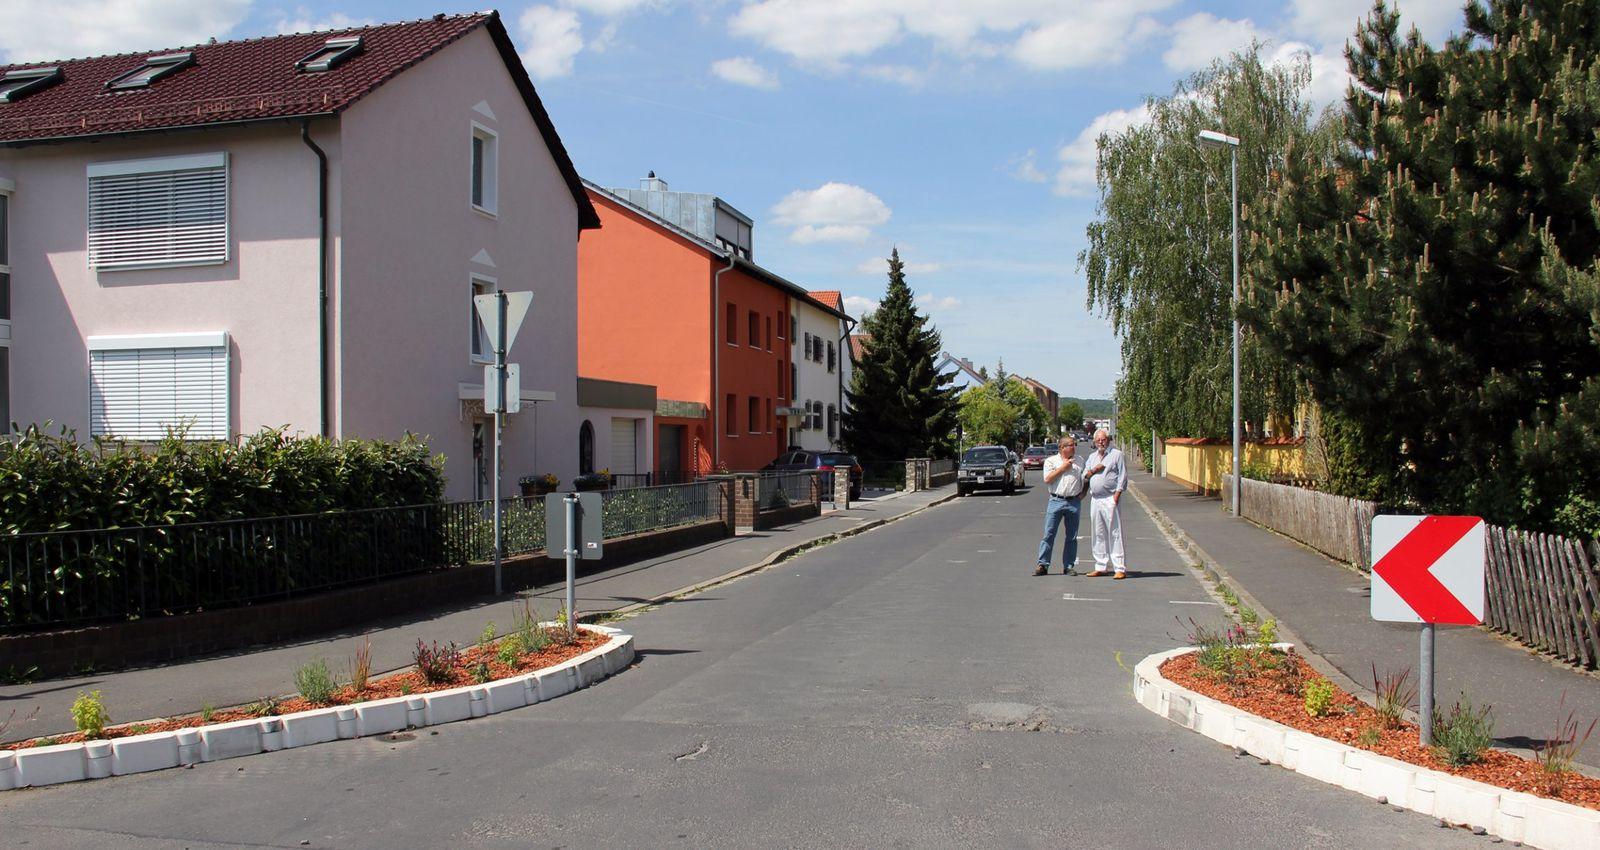 WolfstalstraßeAusbau